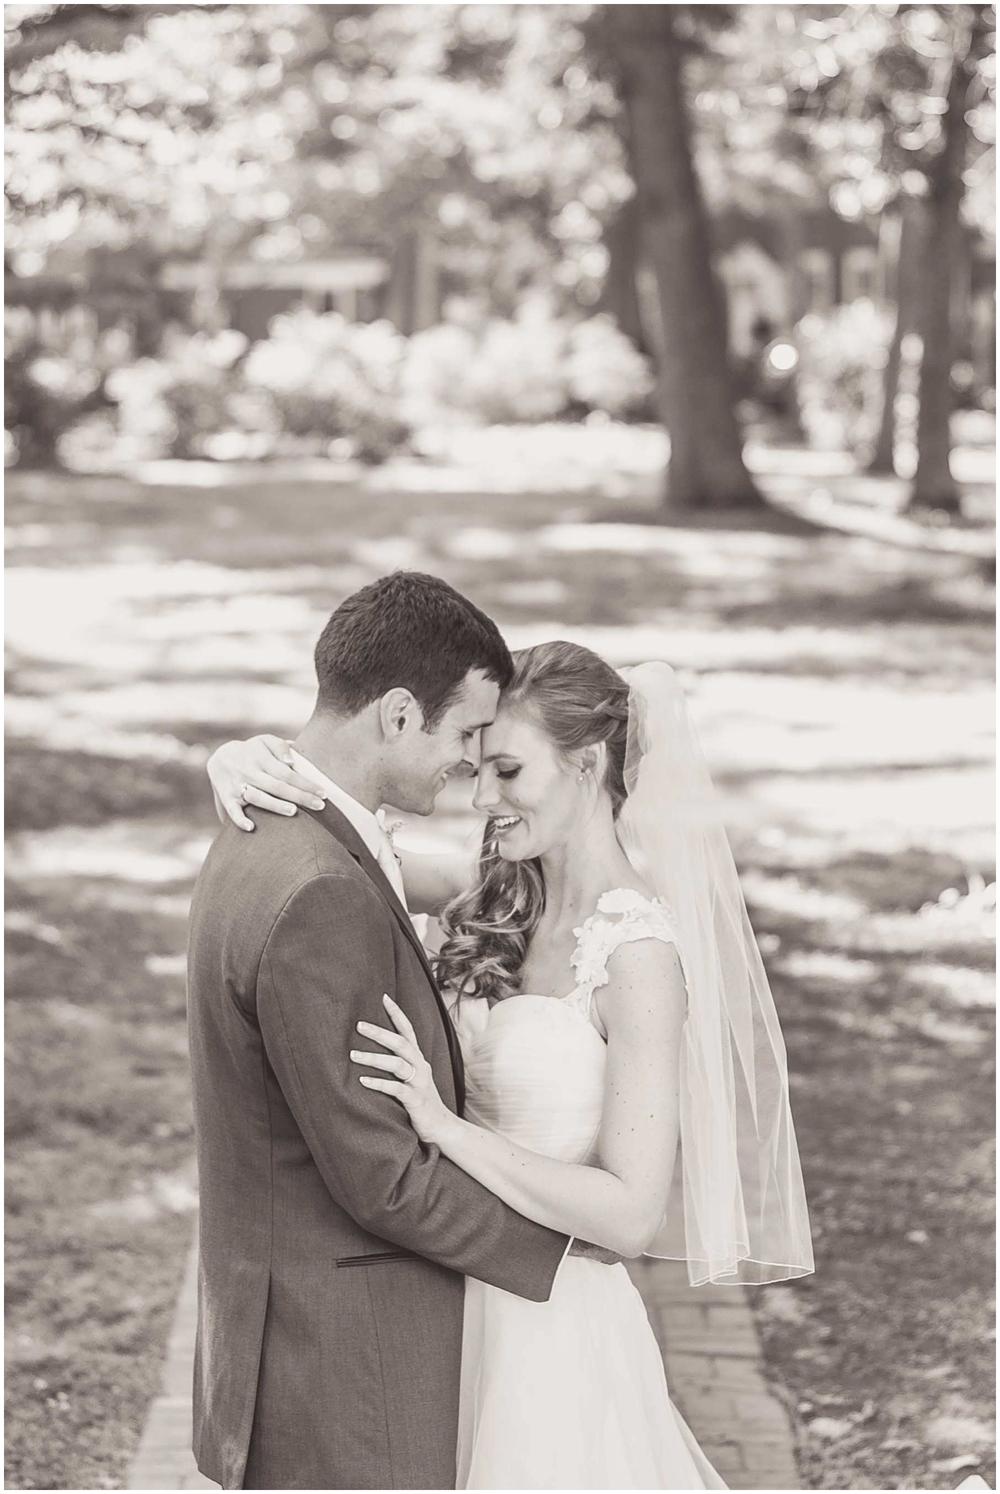 Austin&VanessaWedding-353.jpg